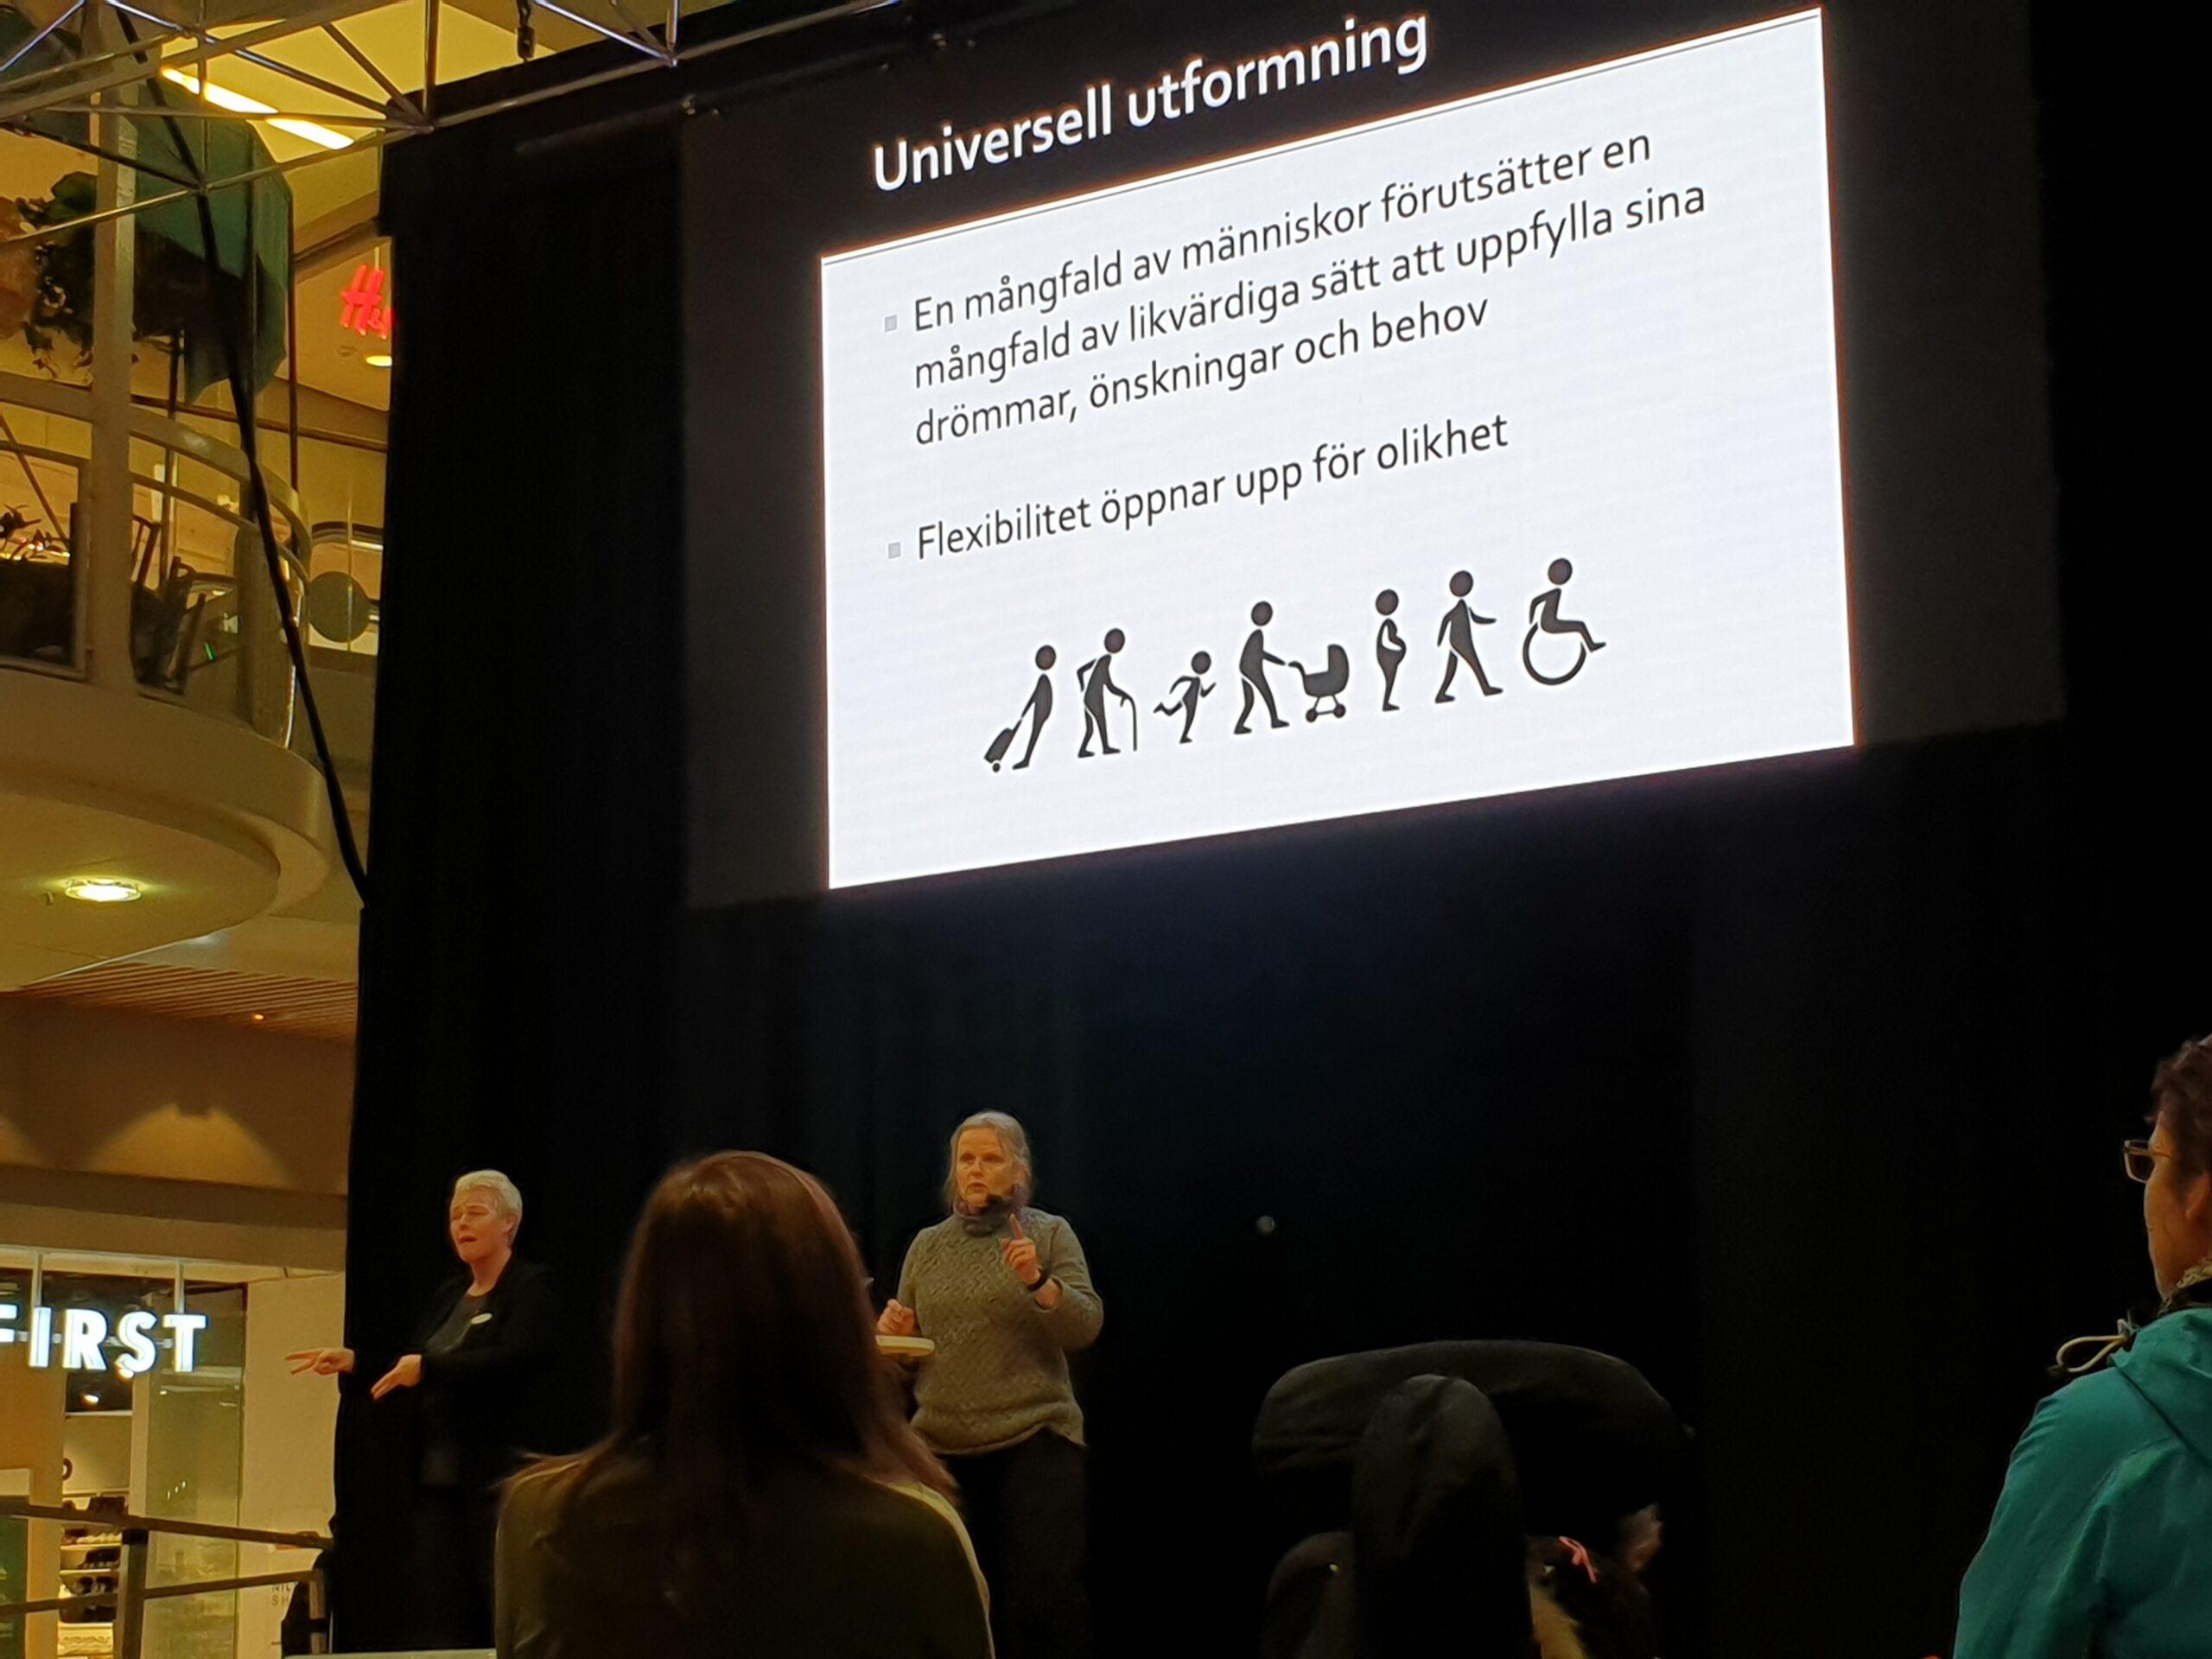 Charlotte Magnusson från Certec föreläste om universell utformning.